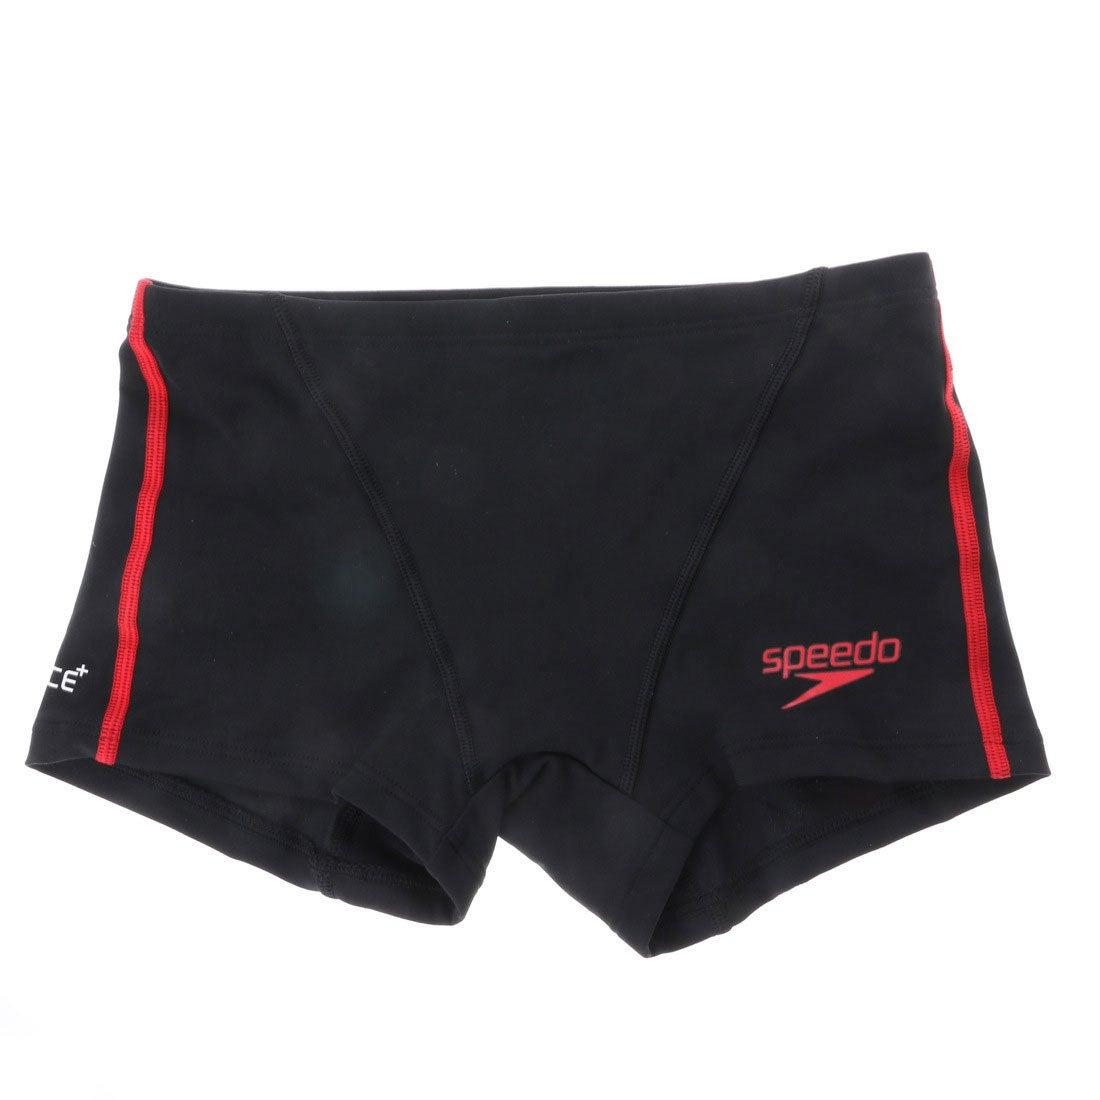 スピード GW SPEED メンズ 水泳 競泳水着 メンズトレインボックス SD85X01